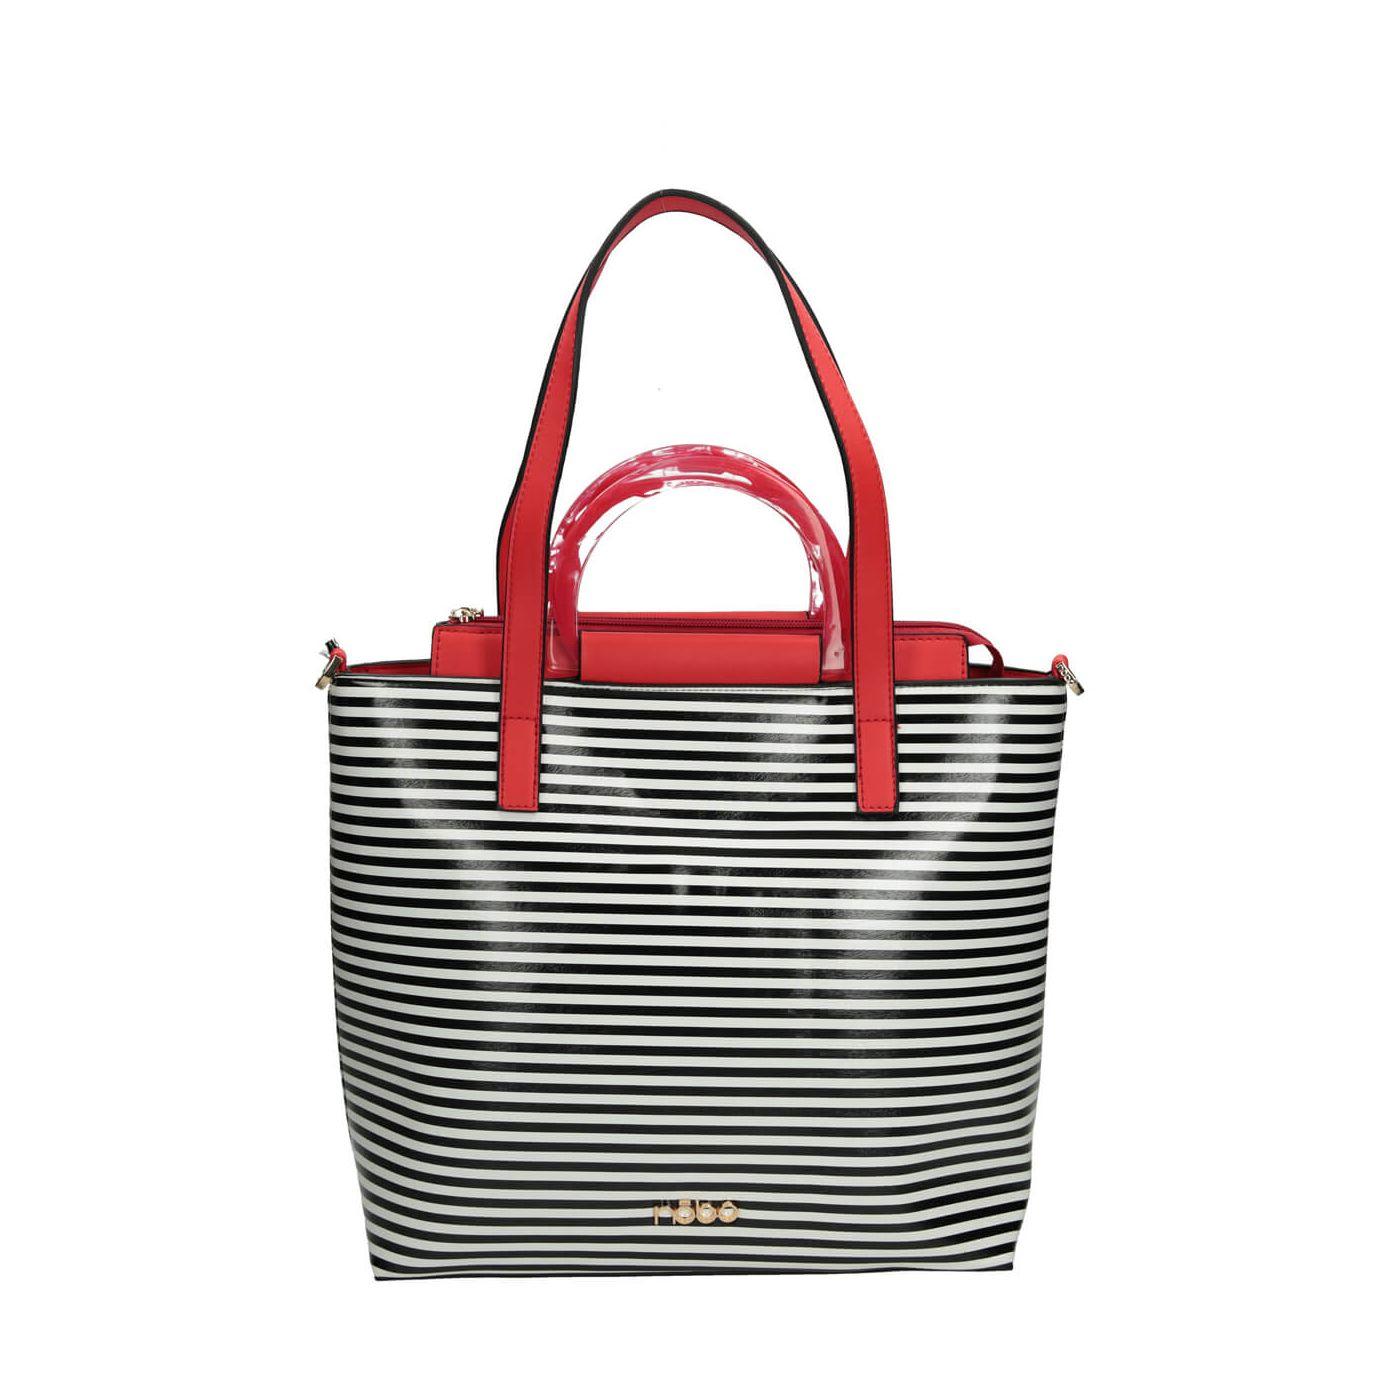 Nobo Woman's Bag NBAG-I0730-CM20